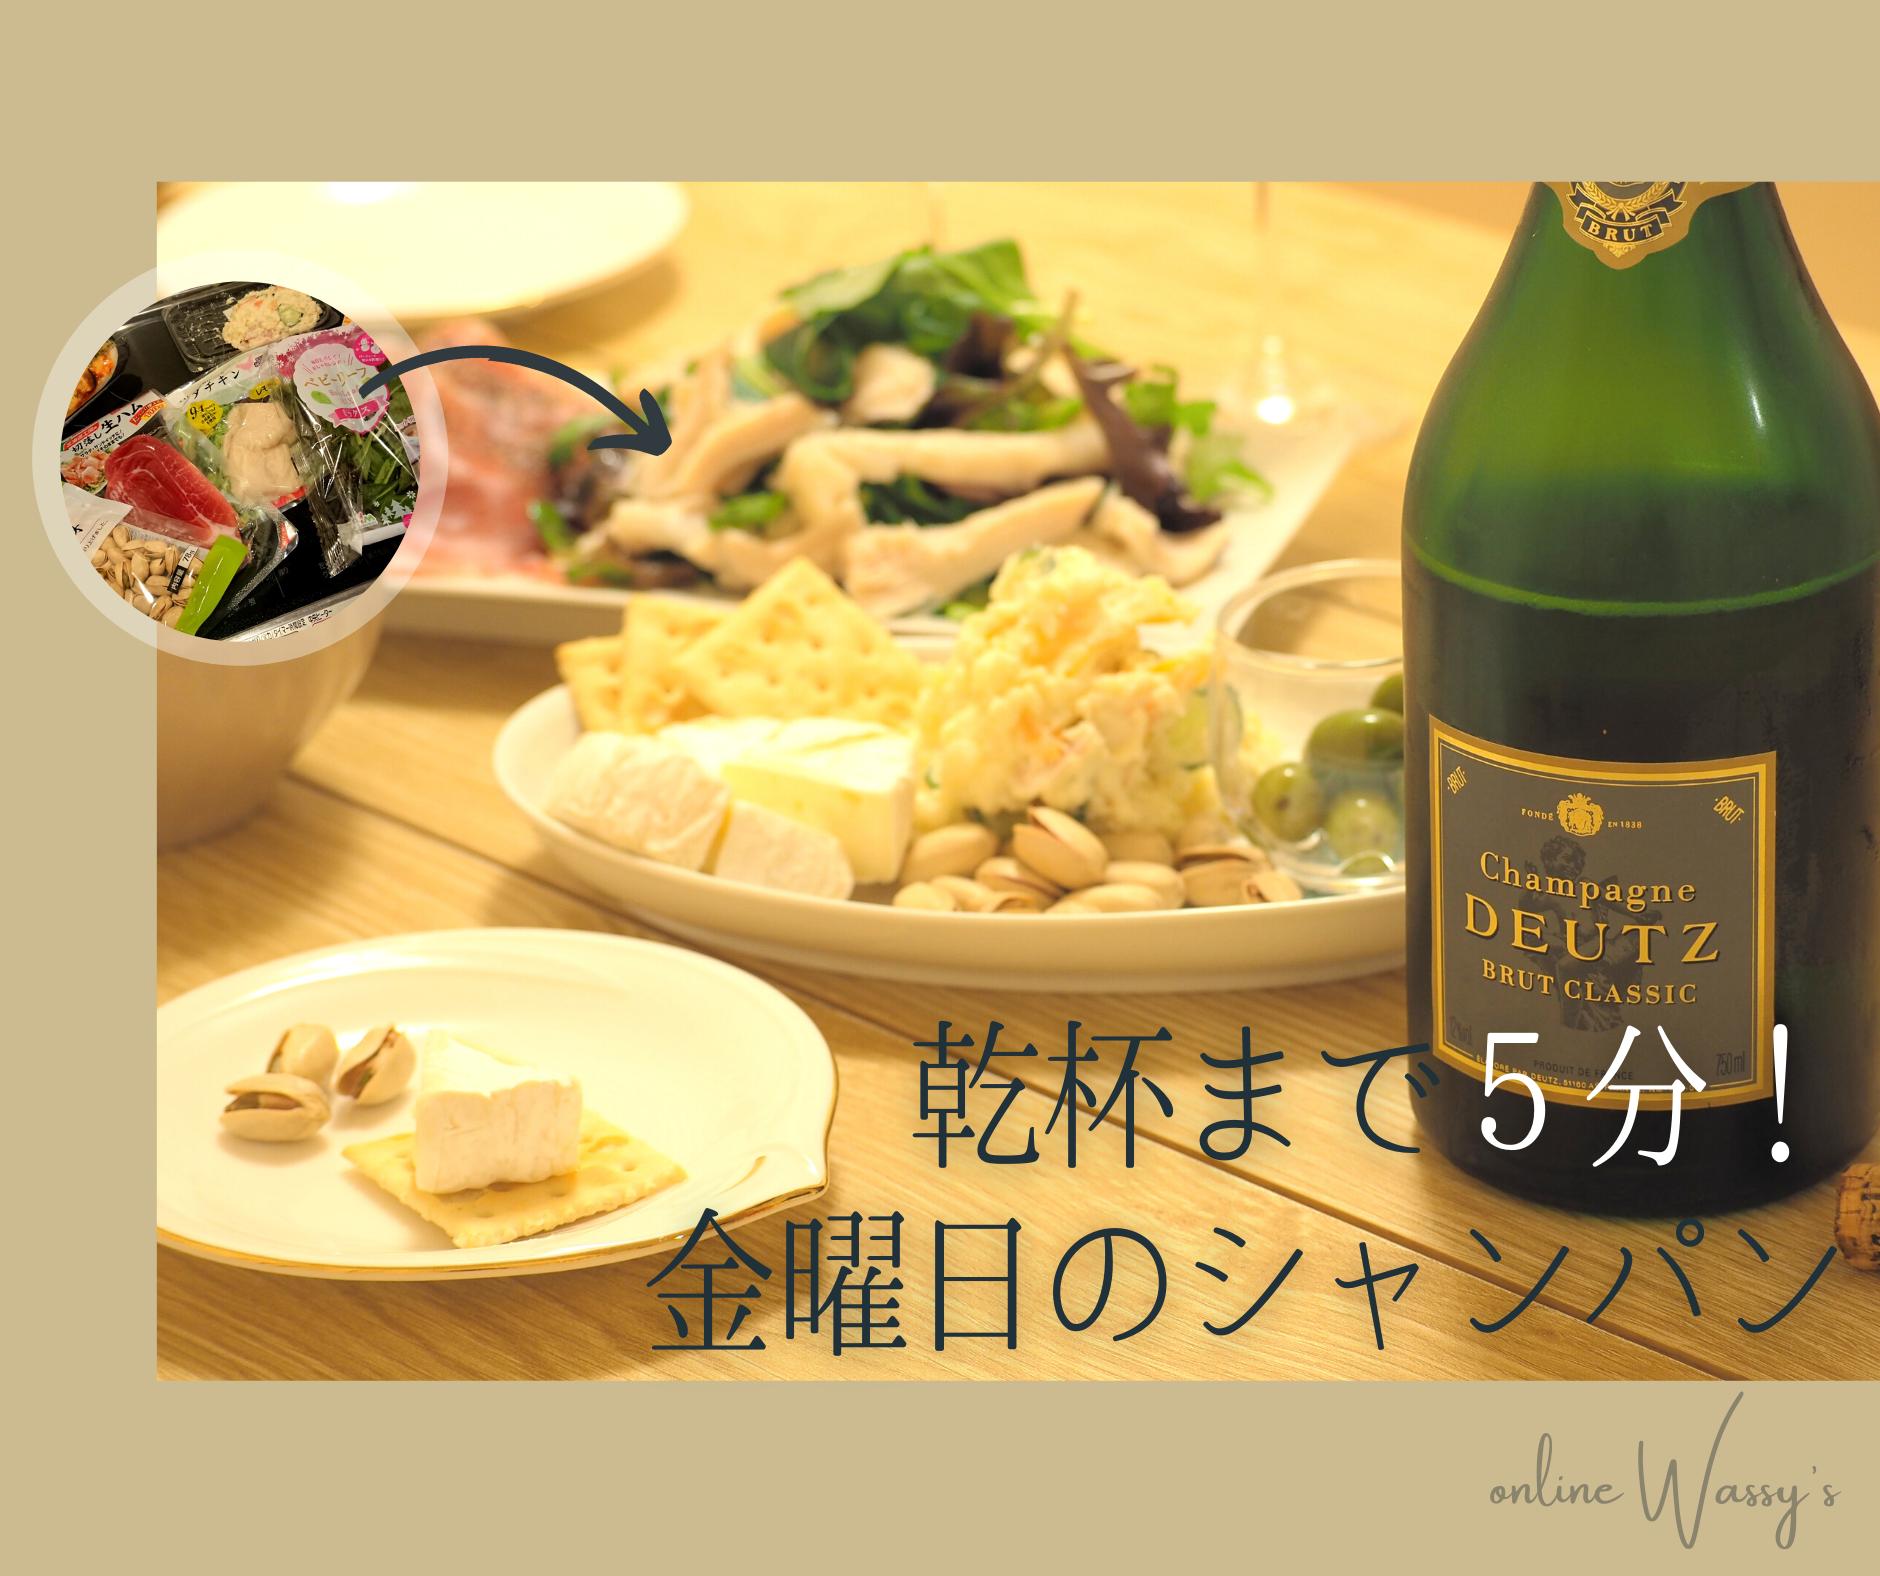 簡単ワインのおつまみ お買い得シャンパン ドゥッツ